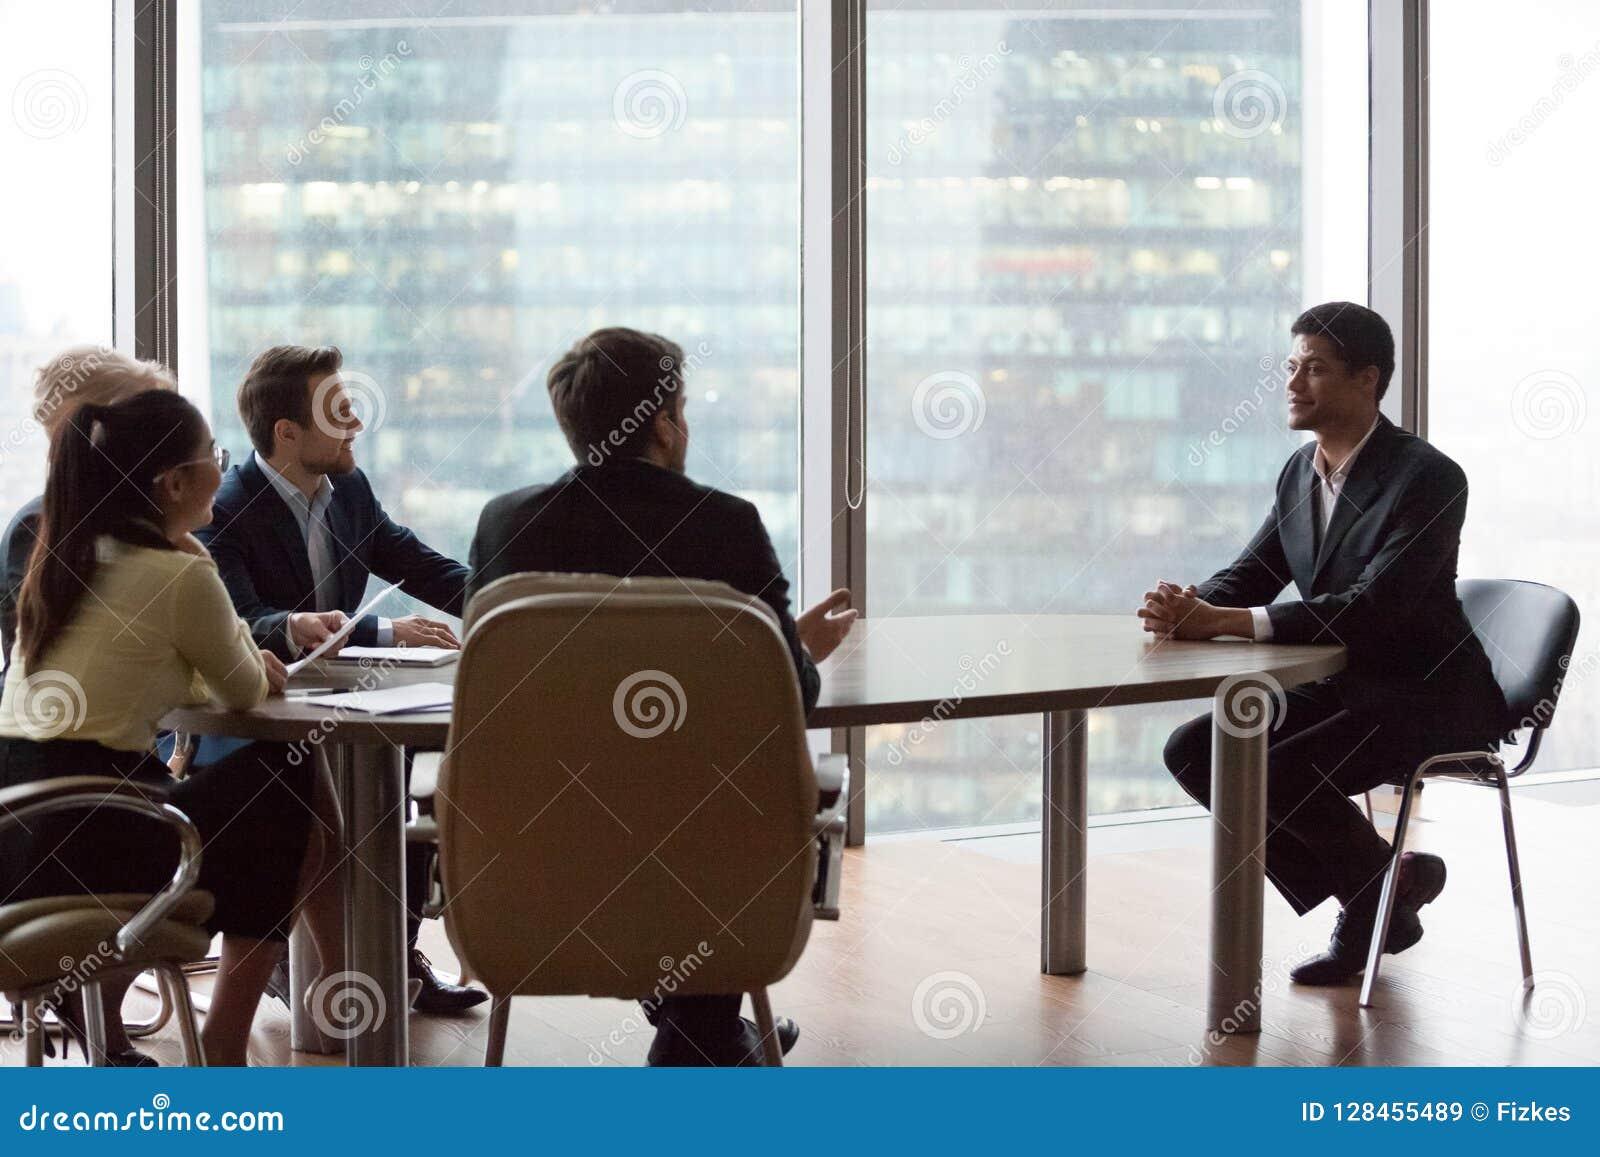 Det säkra svarta sökandet imponerar rekryterare under intervju